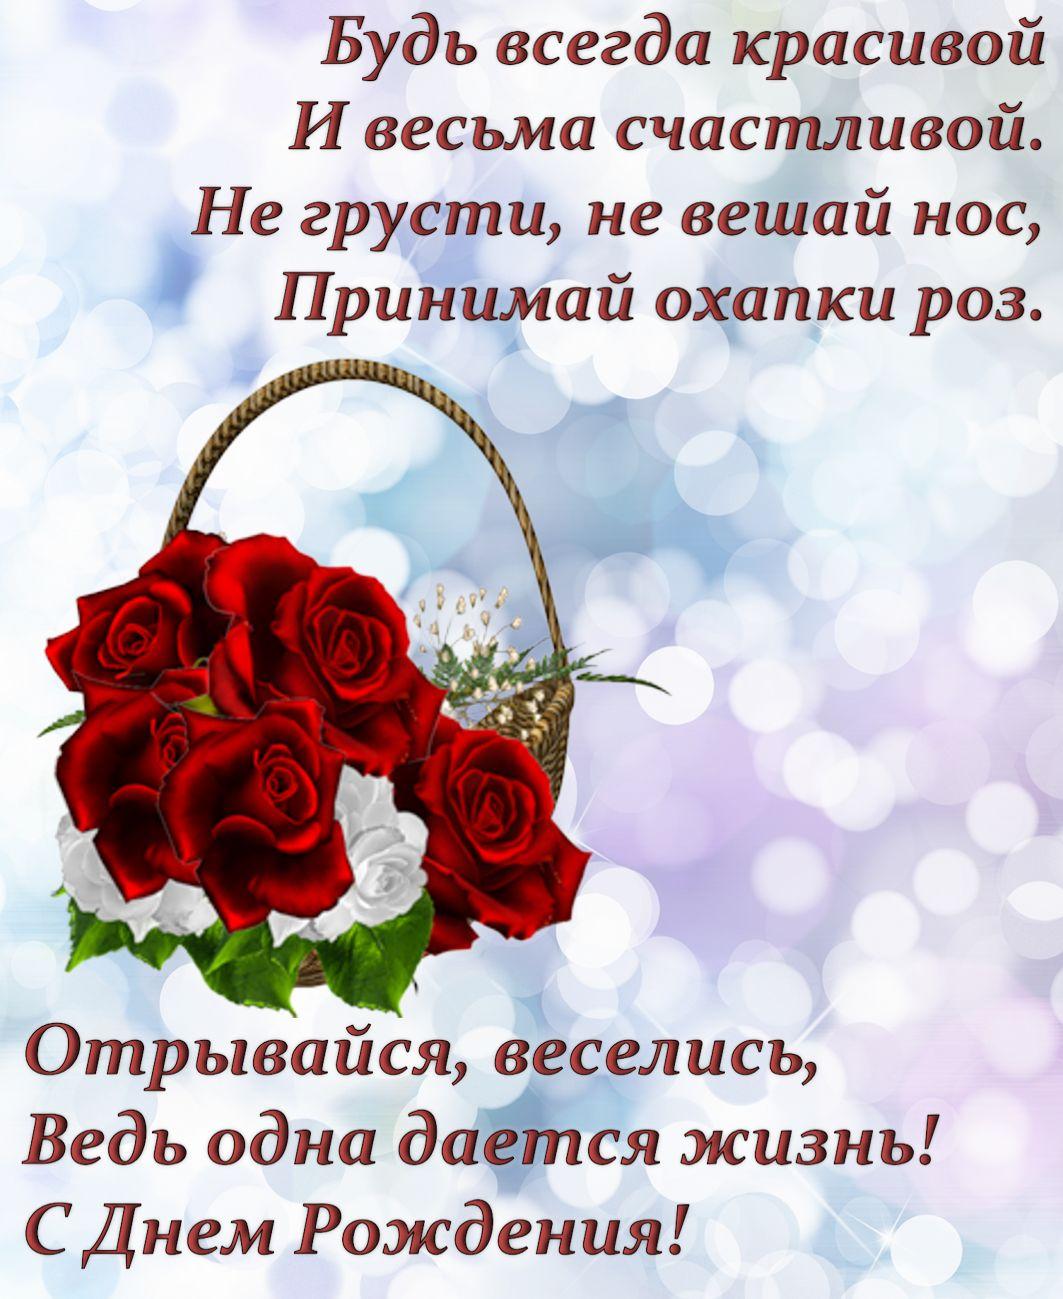 окрытка - корзина с розами и пожелание для женщины